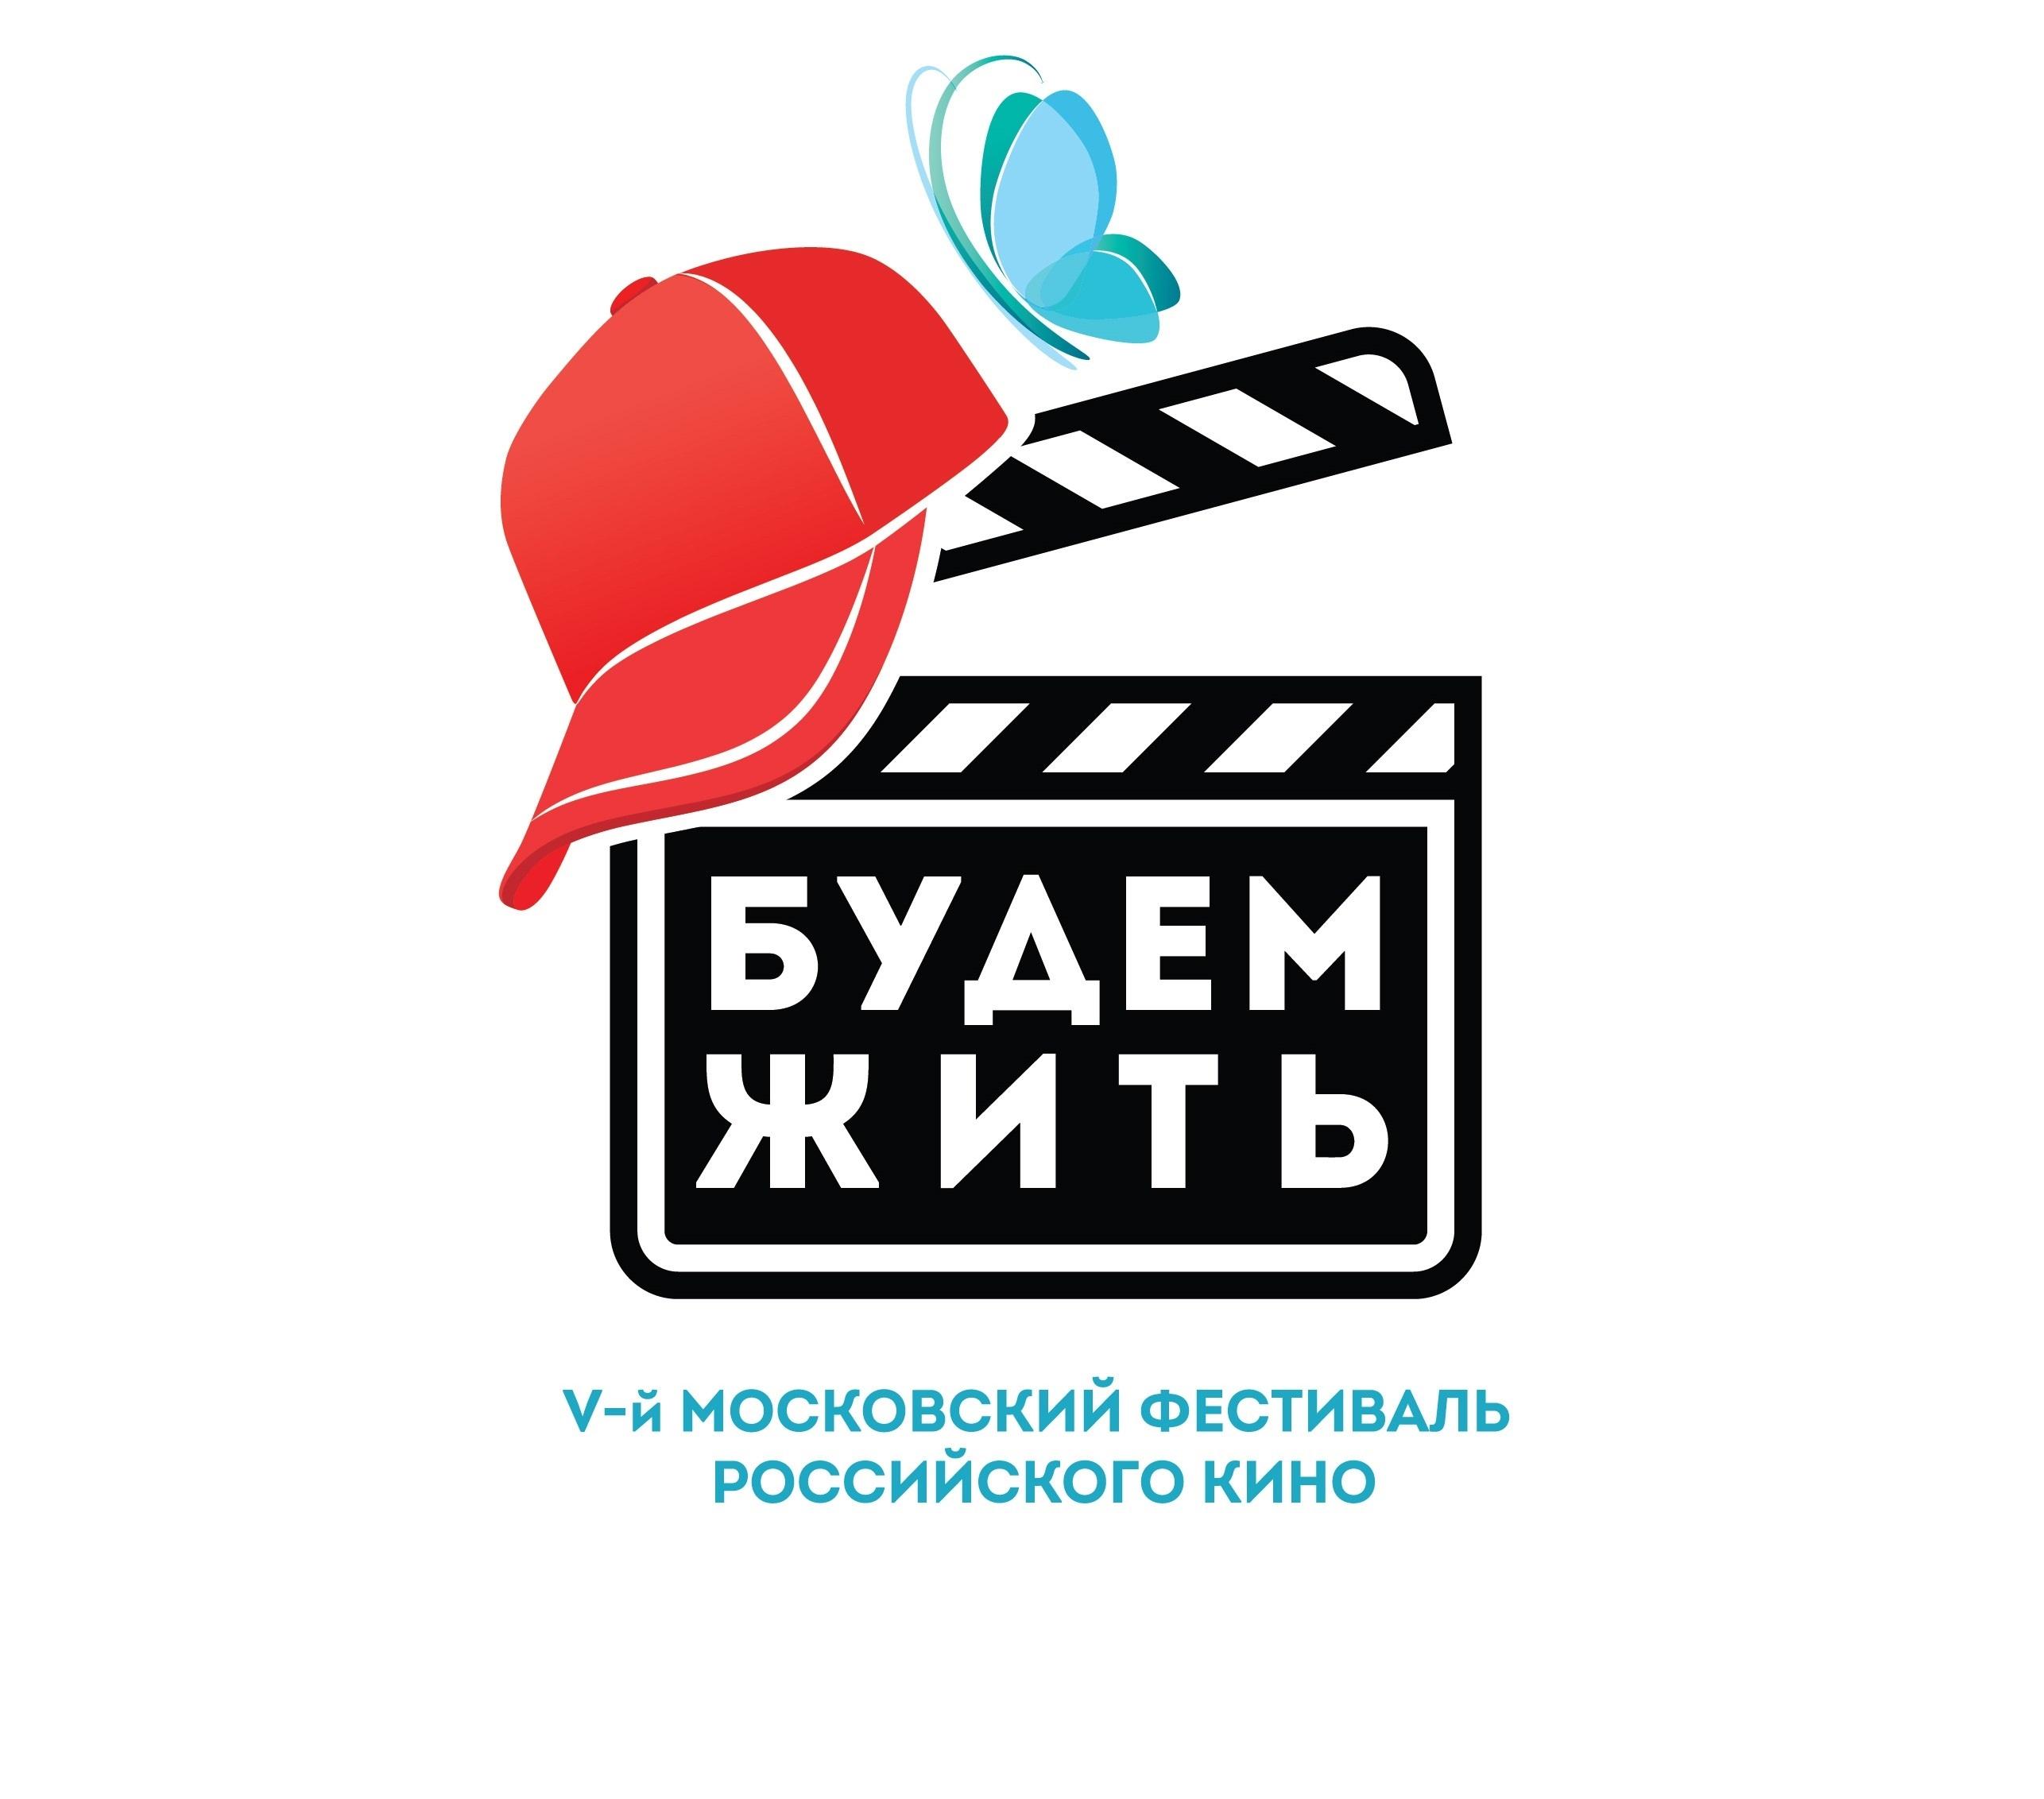 Лучшие российские фильмы представят на кинофестивале «Будем жить!»